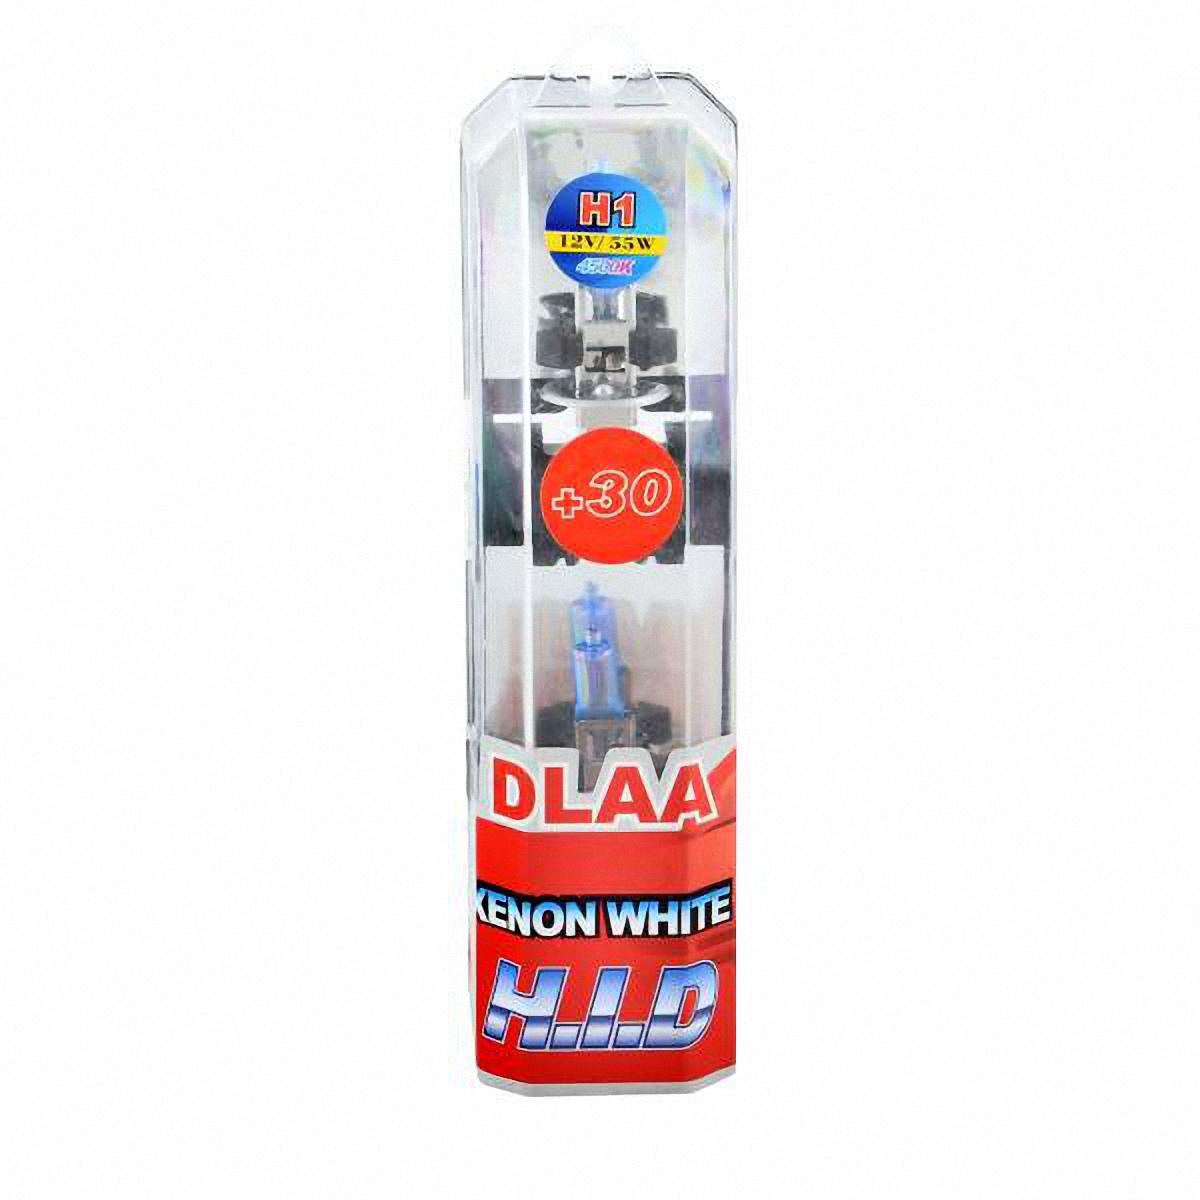 Автолампа галогеновая Skyway H1. Xenon White+30. H1-12V/55W-P BH1-12V55W-P BГалогеновыелампы Xenon White+30 представляют собой очень яркие лампы, имитирующие свет ксенона. Достигается это за счет специального напыления на газонаполненные лампы, а точнее на колбы, в которые под высоким давлением закачан газ.Данныегалогеновыелампы не создают неудобств водителям встречныхавтотранспортных средств, не превышают допустимую нагрузку на бортовую сеть автомобиля, безопасны и долговечны и отвечают всем без исключения стандартам качества.Температура света: 4500.